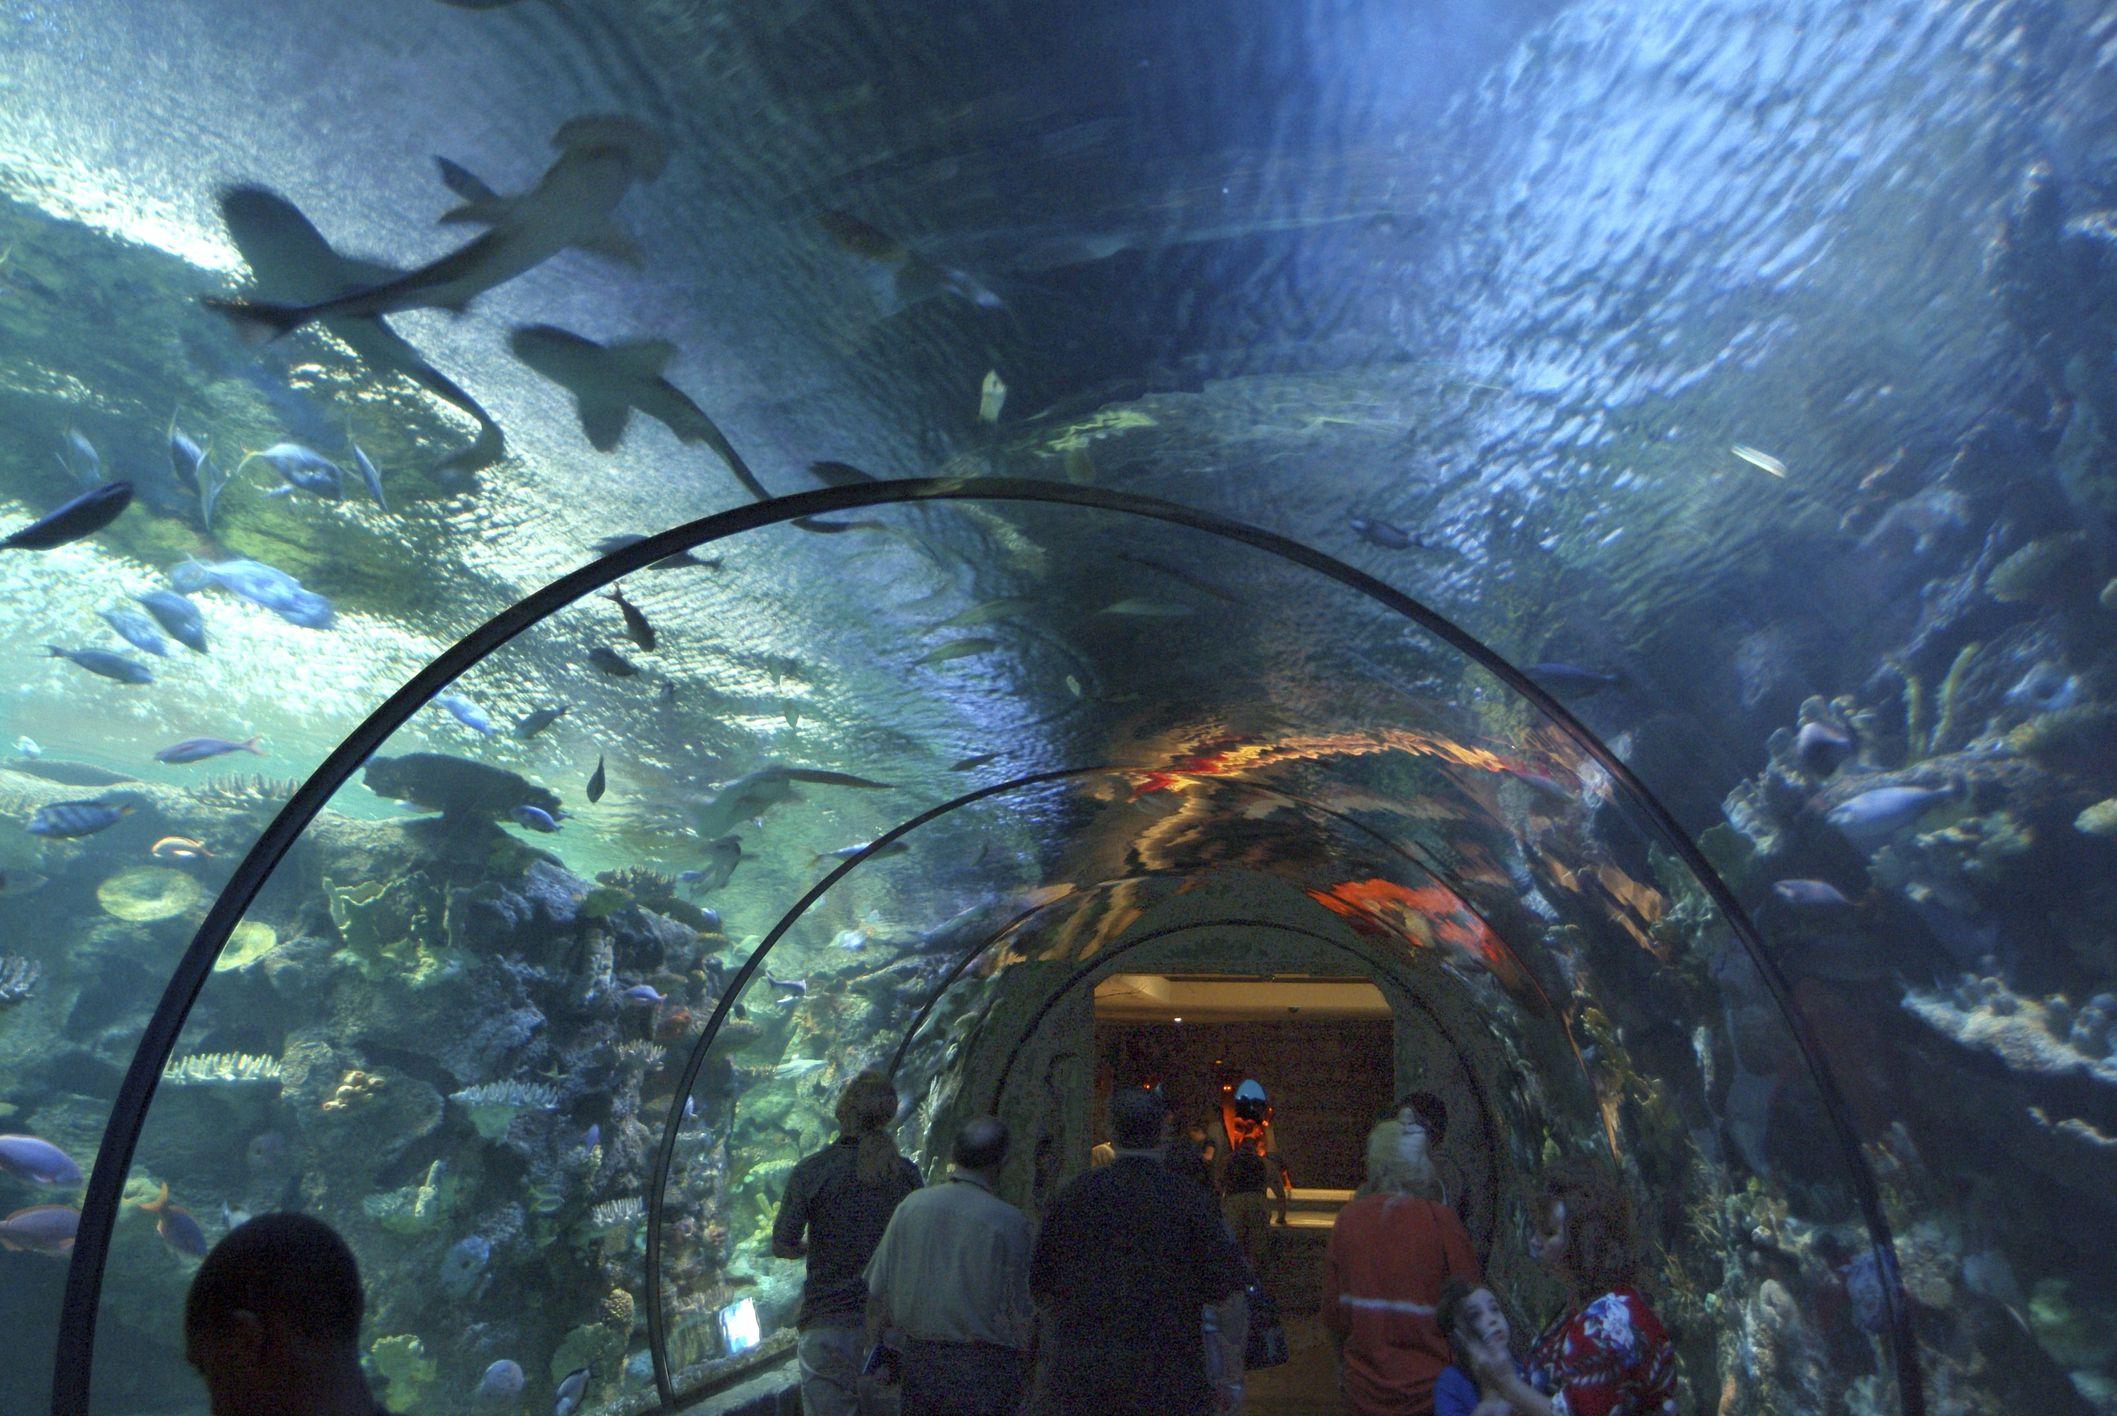 Diving with Sharks in Las Vegas at Shark Reef Aquarium